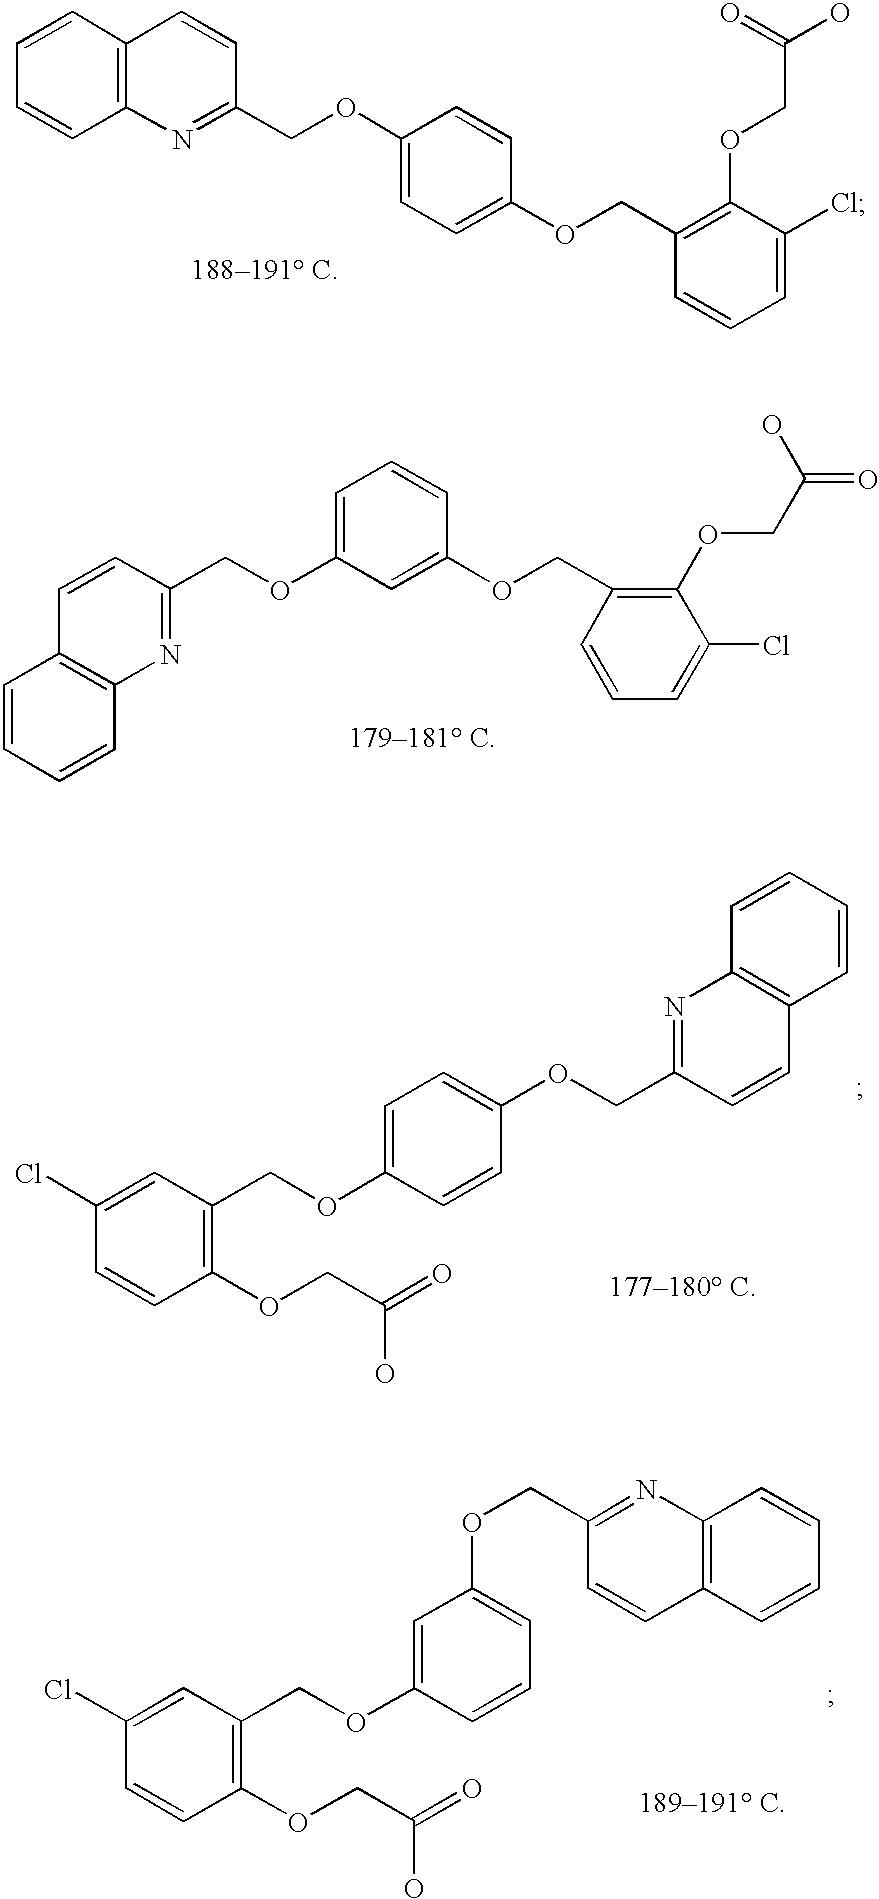 Figure US20030220373A1-20031127-C00313